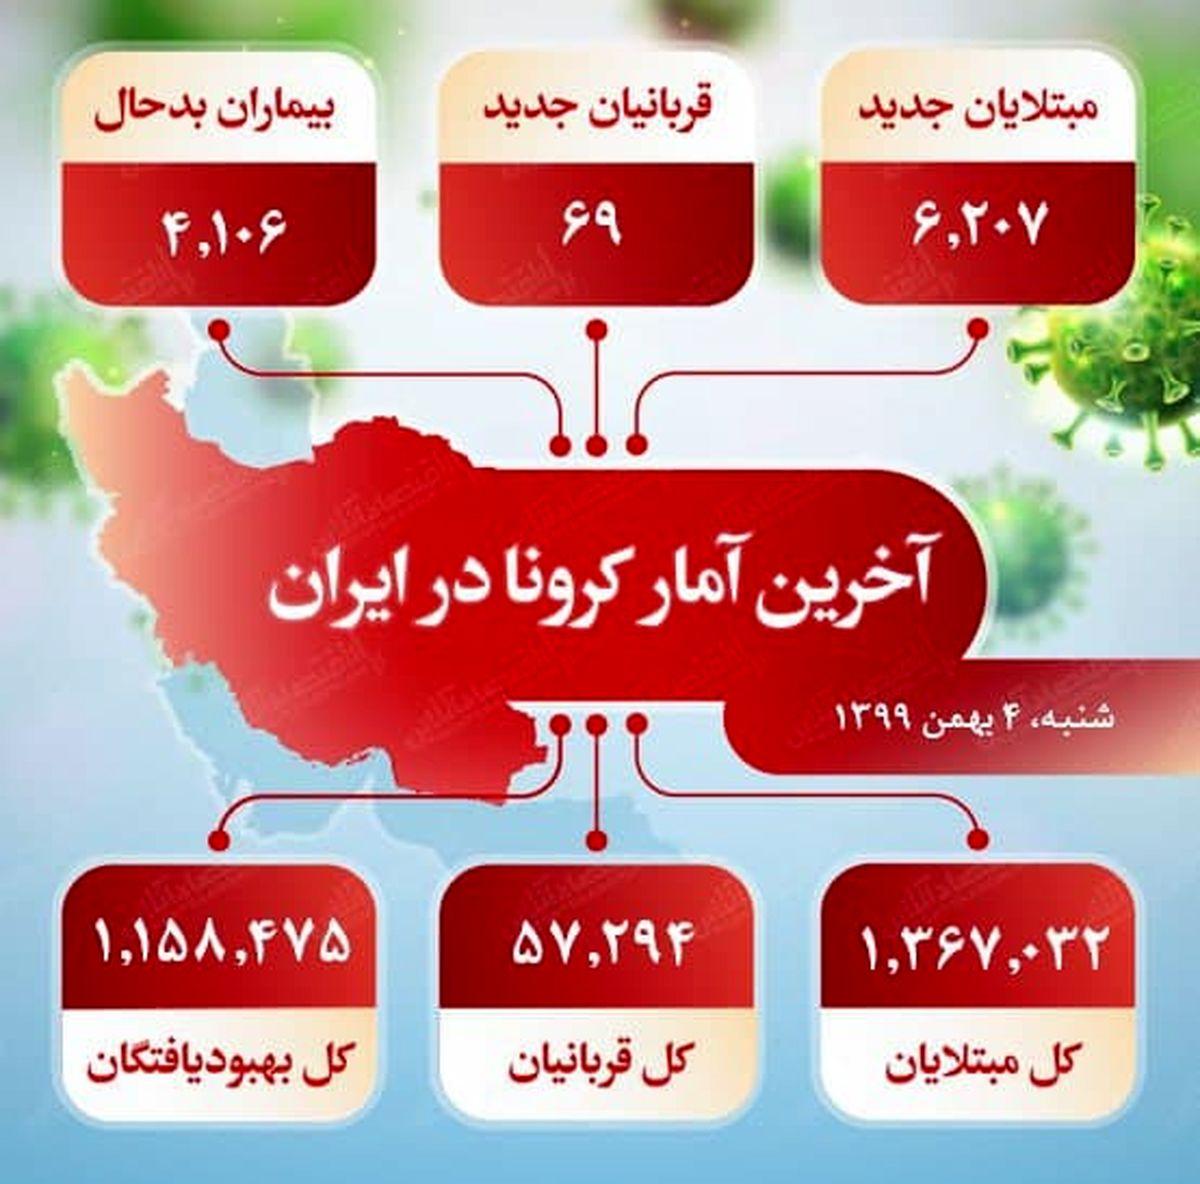 آخرین آمار کرونا در ایران (۹۹/۱۱/۴)